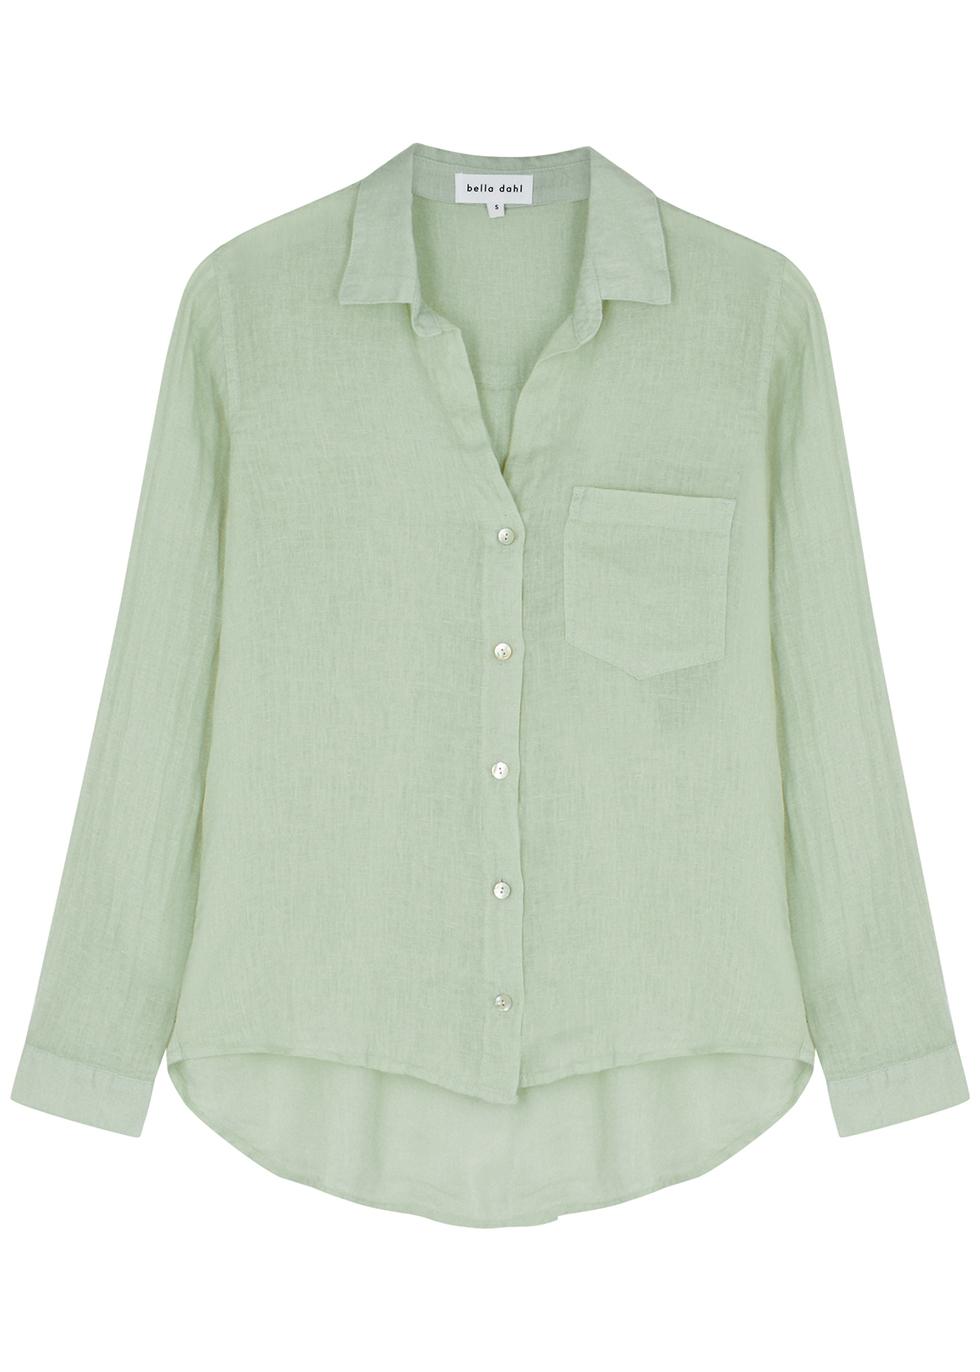 Sage linen shirt